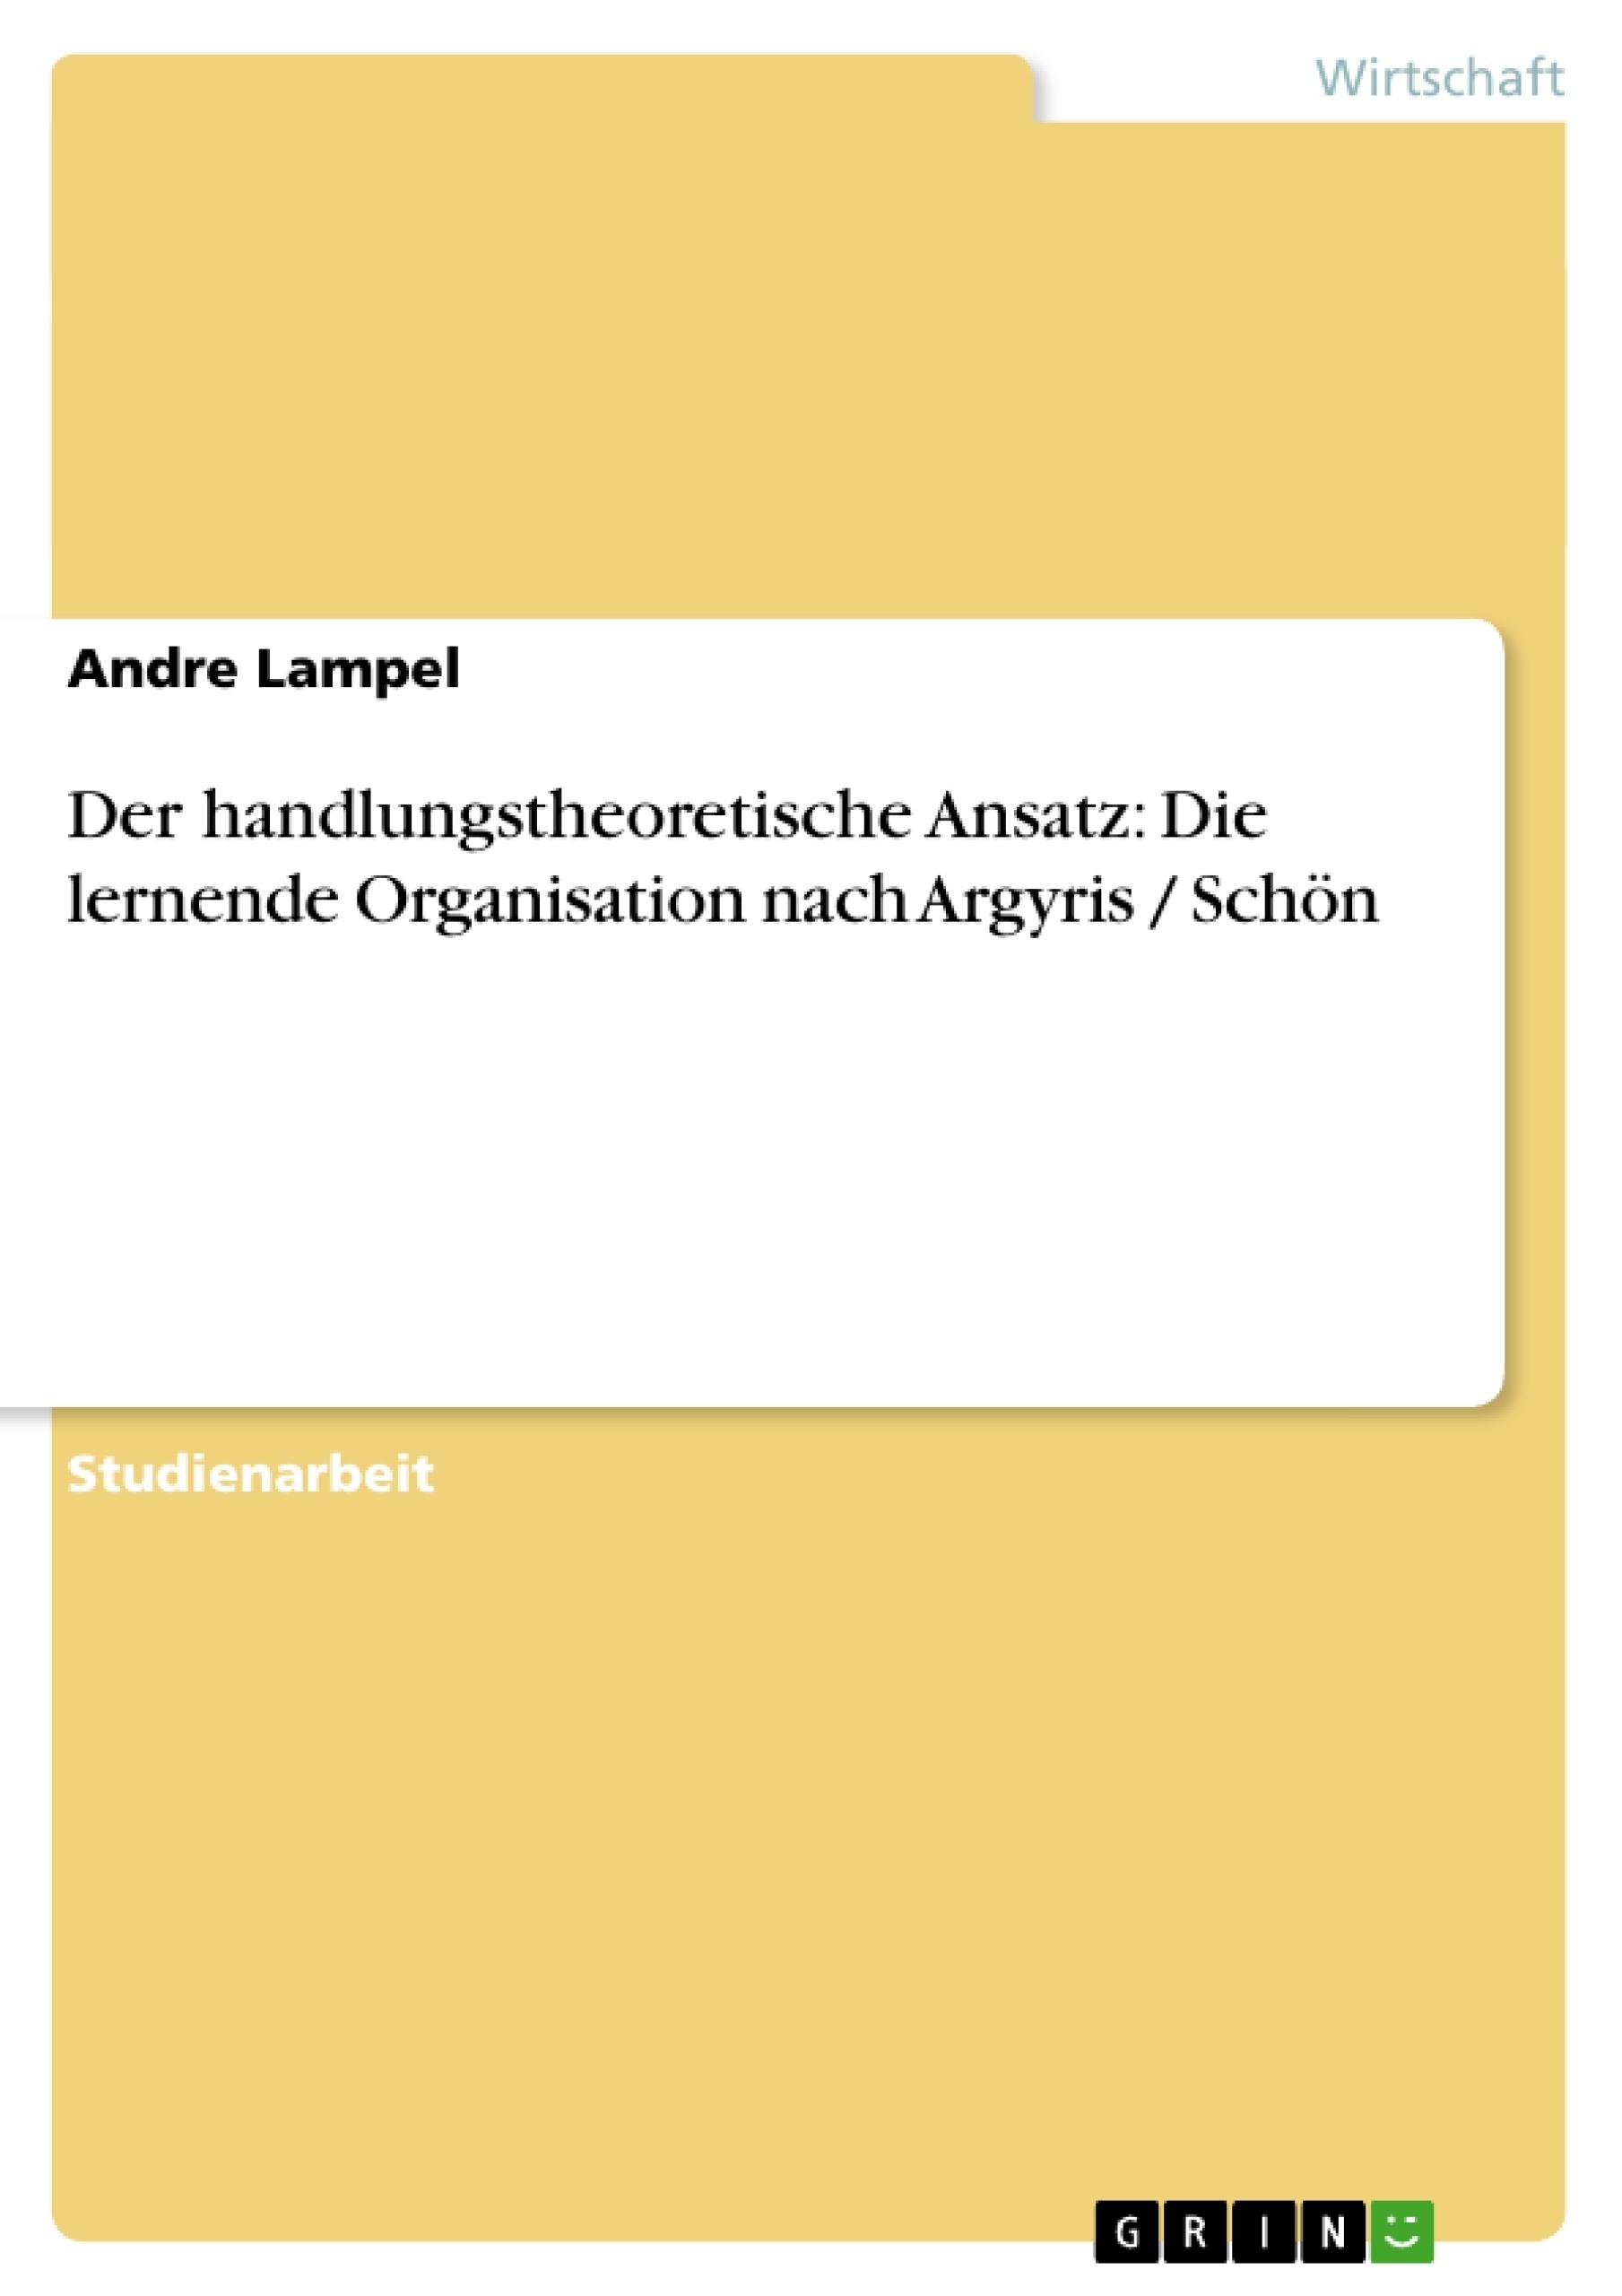 Titel: Der handlungstheoretische Ansatz: Die lernende Organisation nach Argyris / Schön